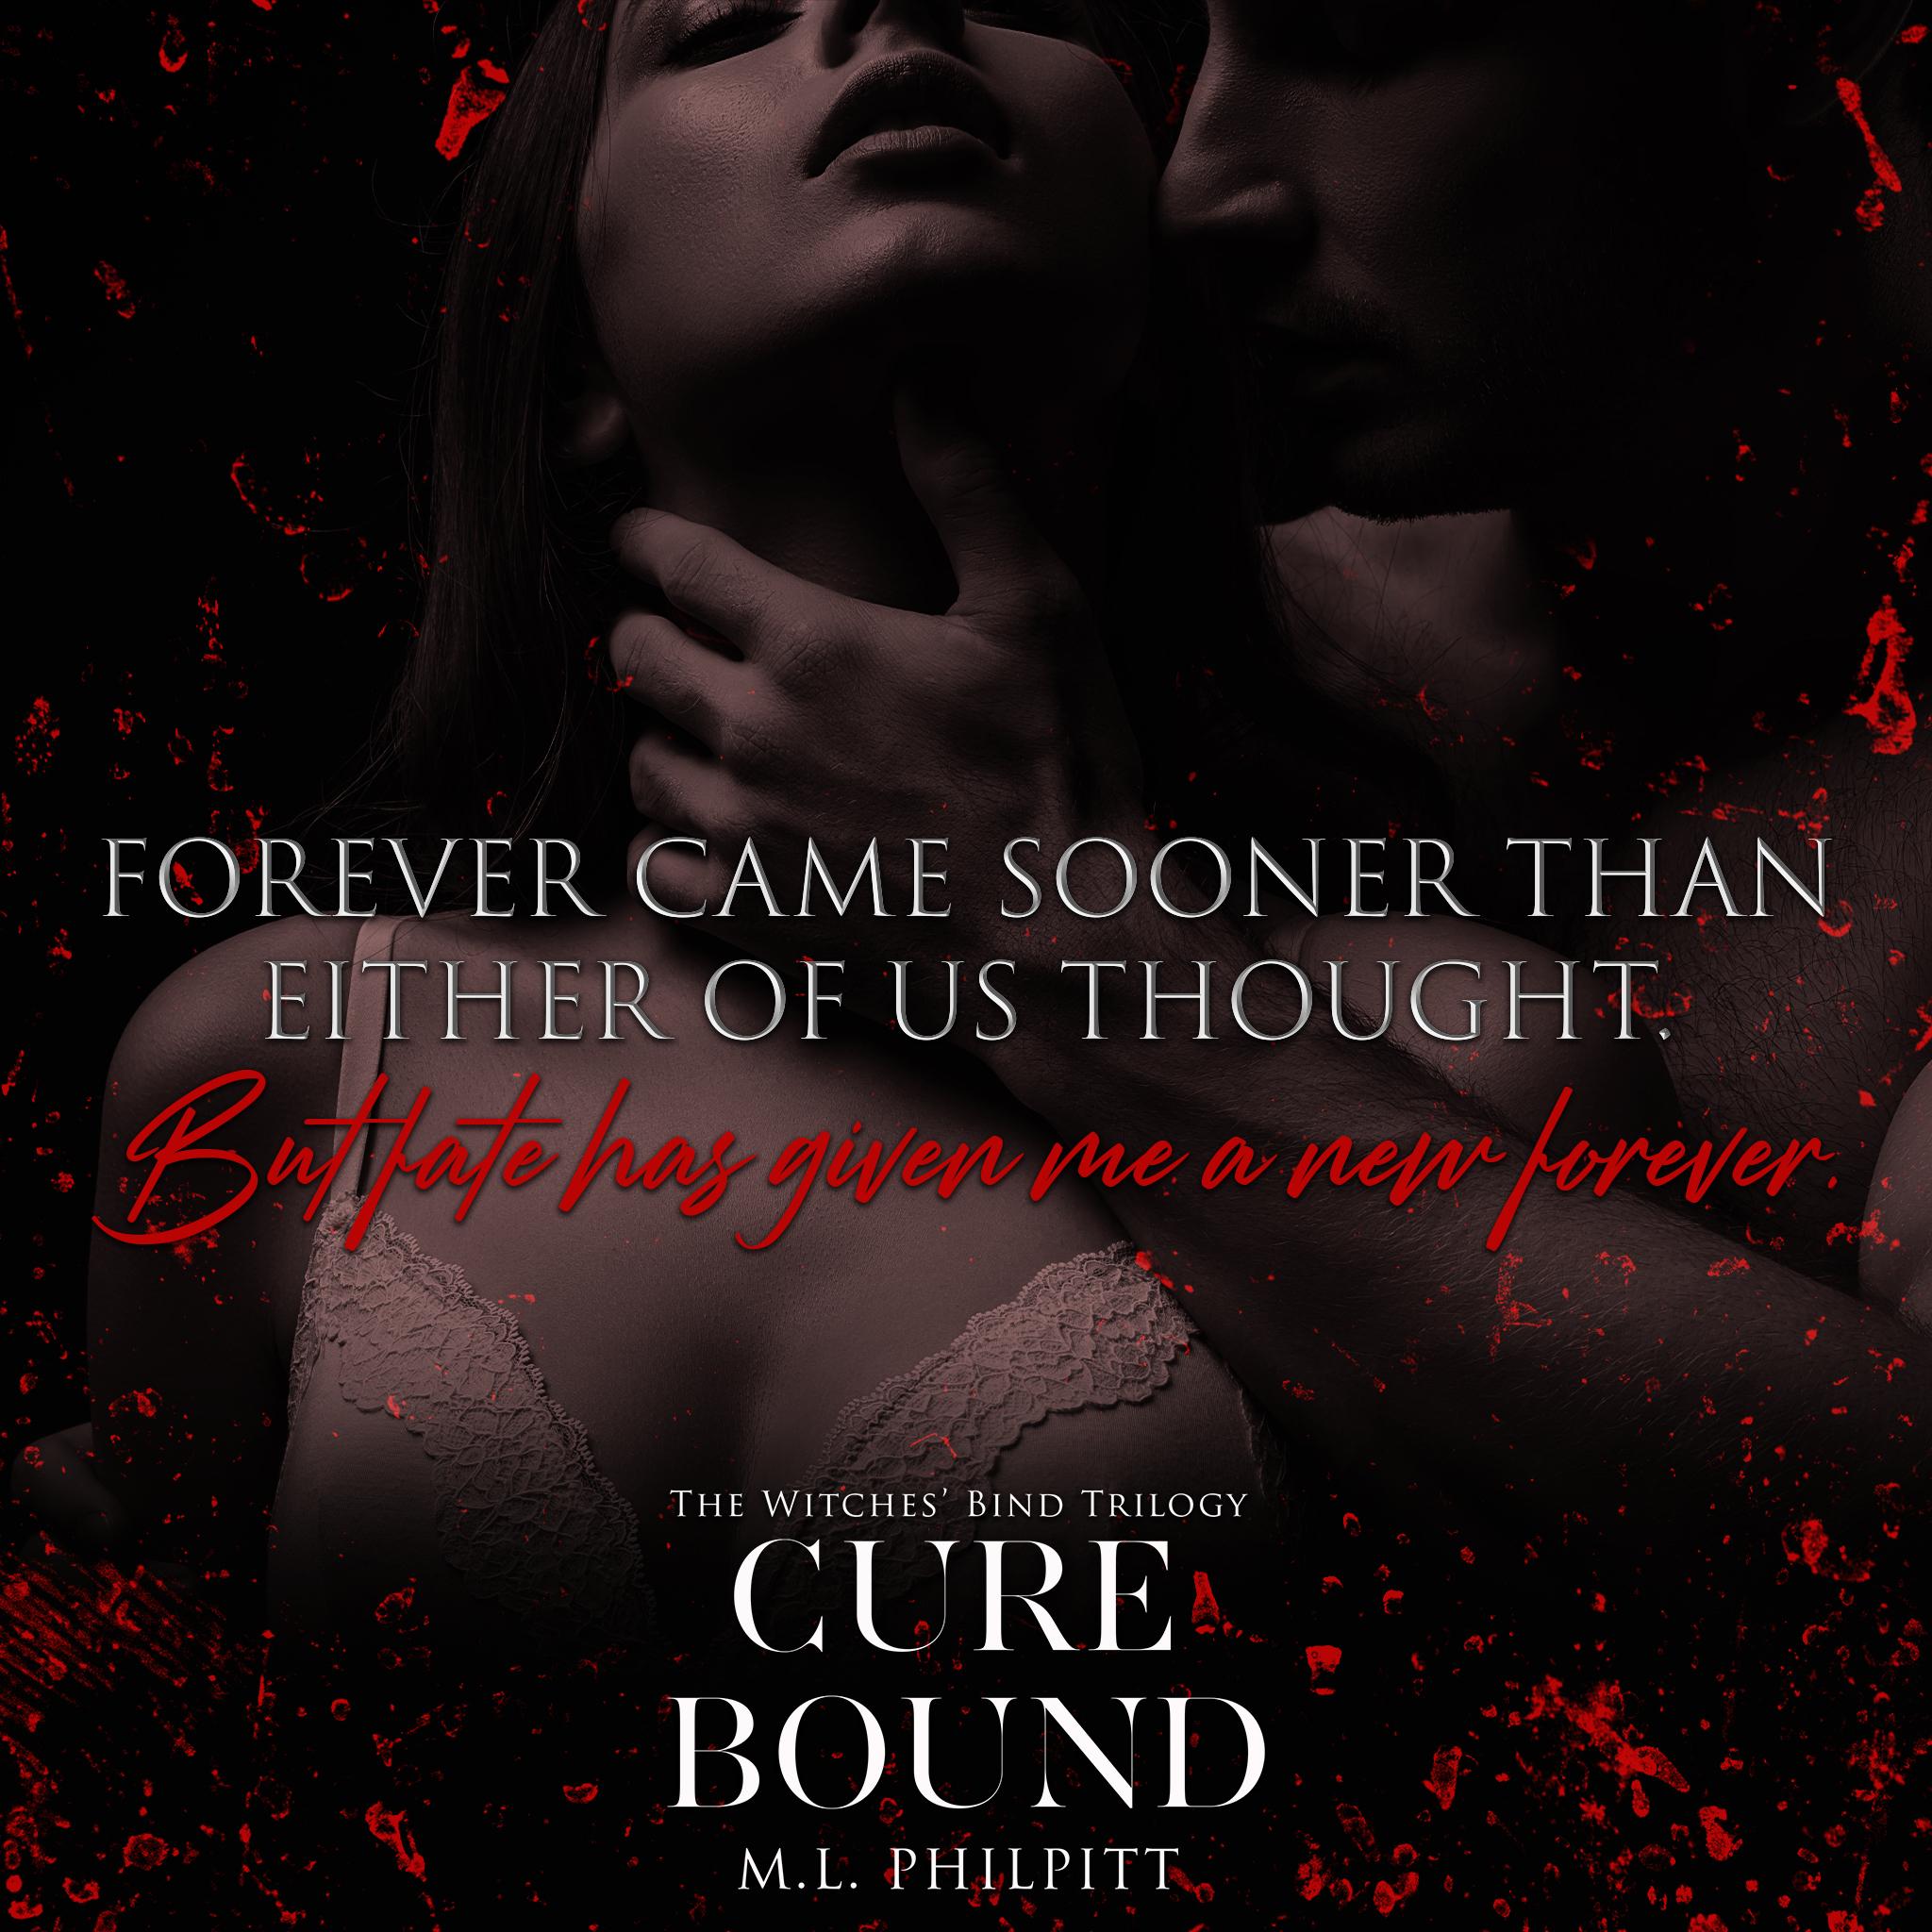 April 19 Cure Bound M.L. Philpitt